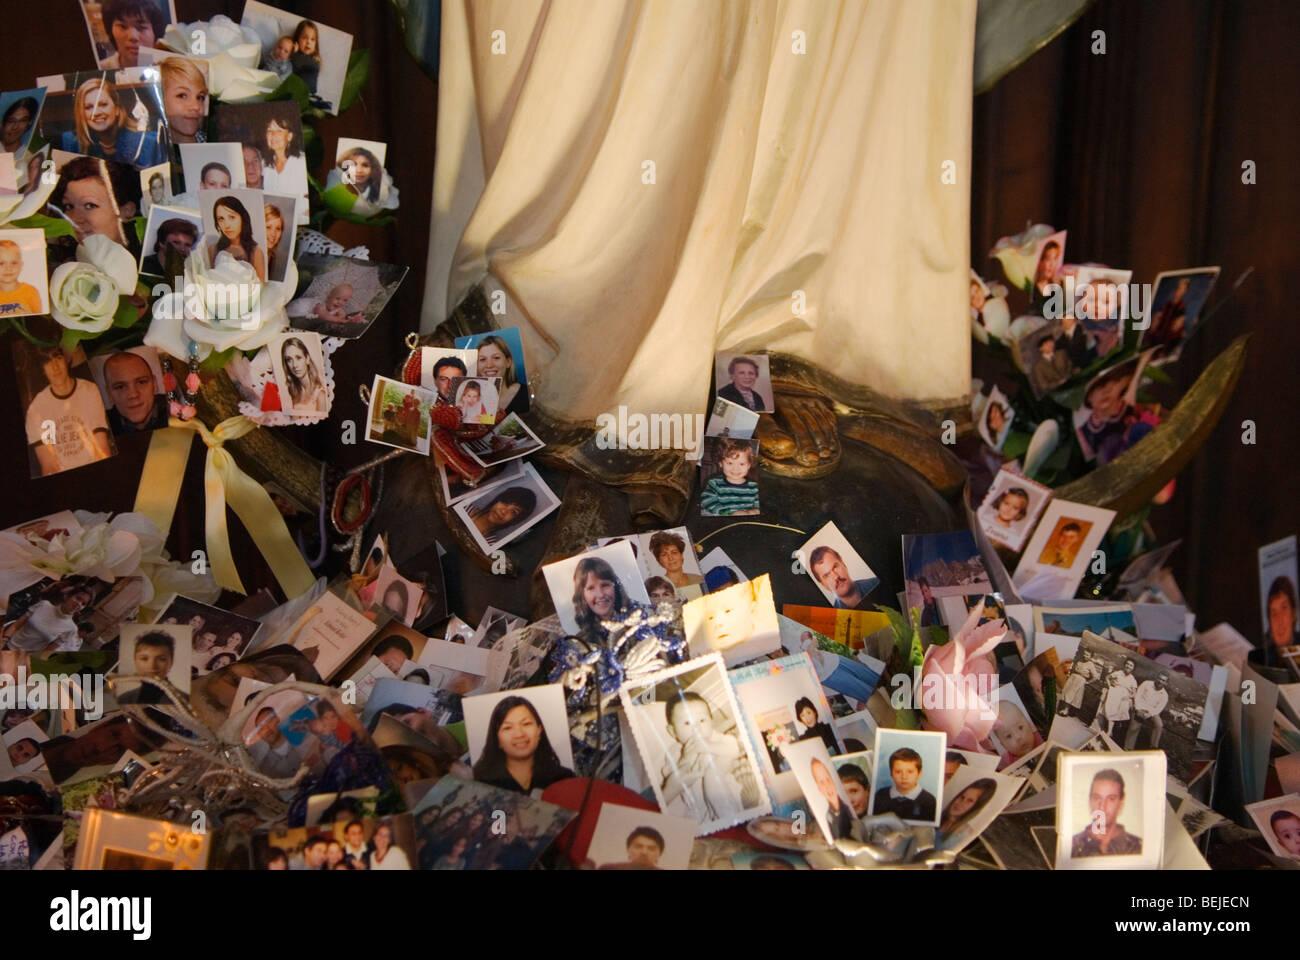 Santa Maria Gloriosa dei Frari Venise Italie. Des photographies de malades et souffrantes personnes laissées Photo Stock